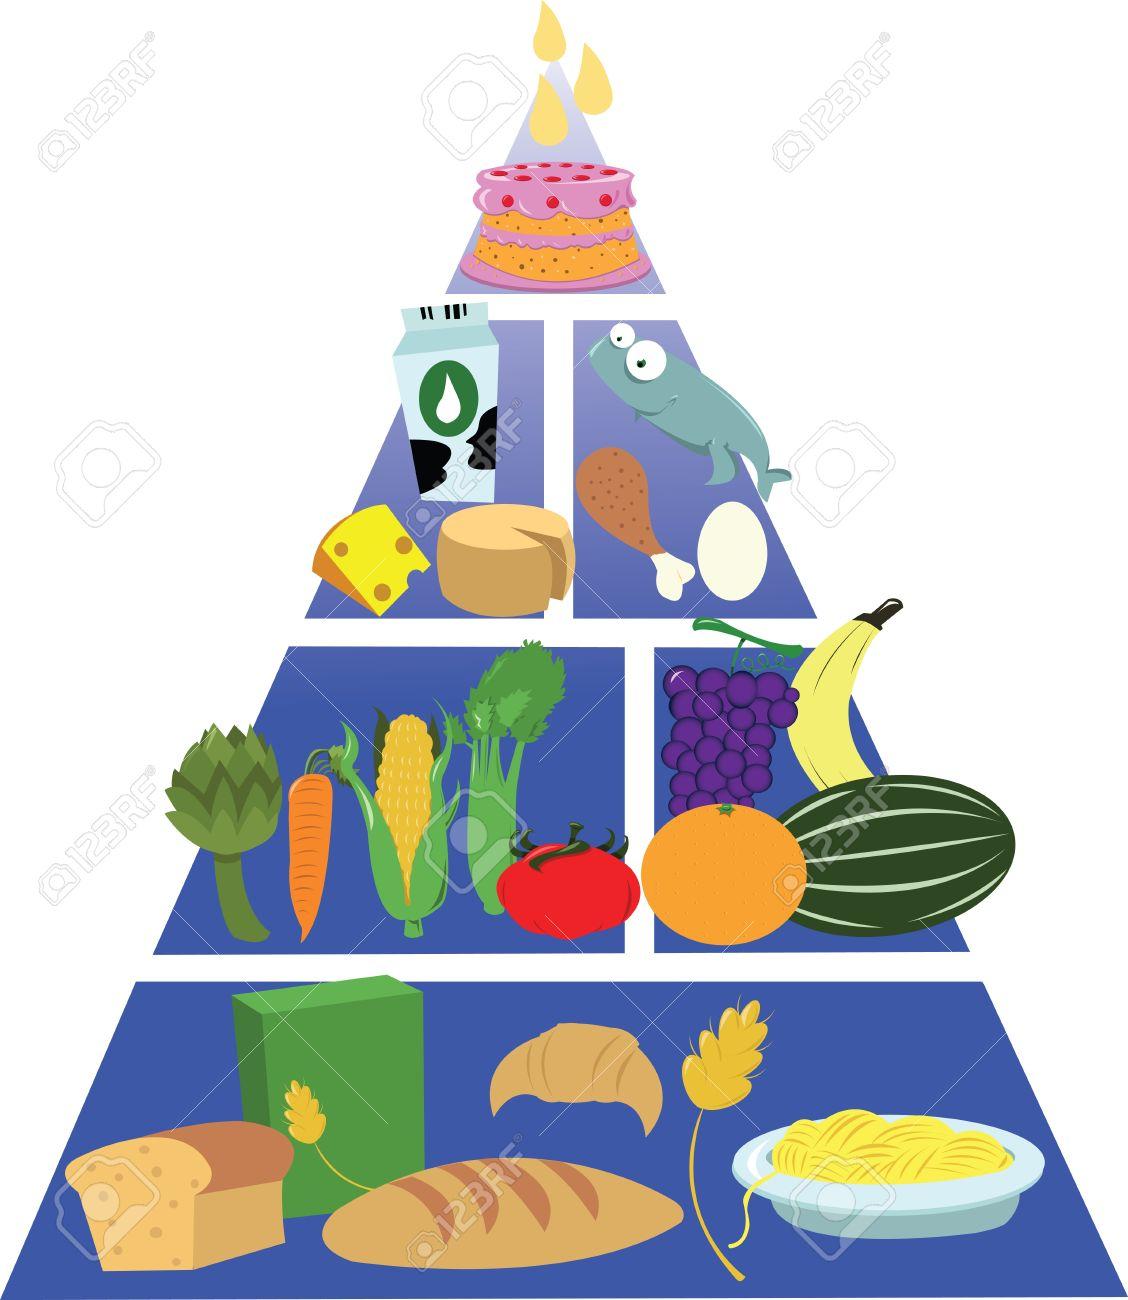 Una Representación De Una Pirámide De Alimentos Todos Los Objetos Se Agrupan Por Separado Ilustraciones Vectoriales Clip Art Vectorizado Libre De Derechos Image 21960962